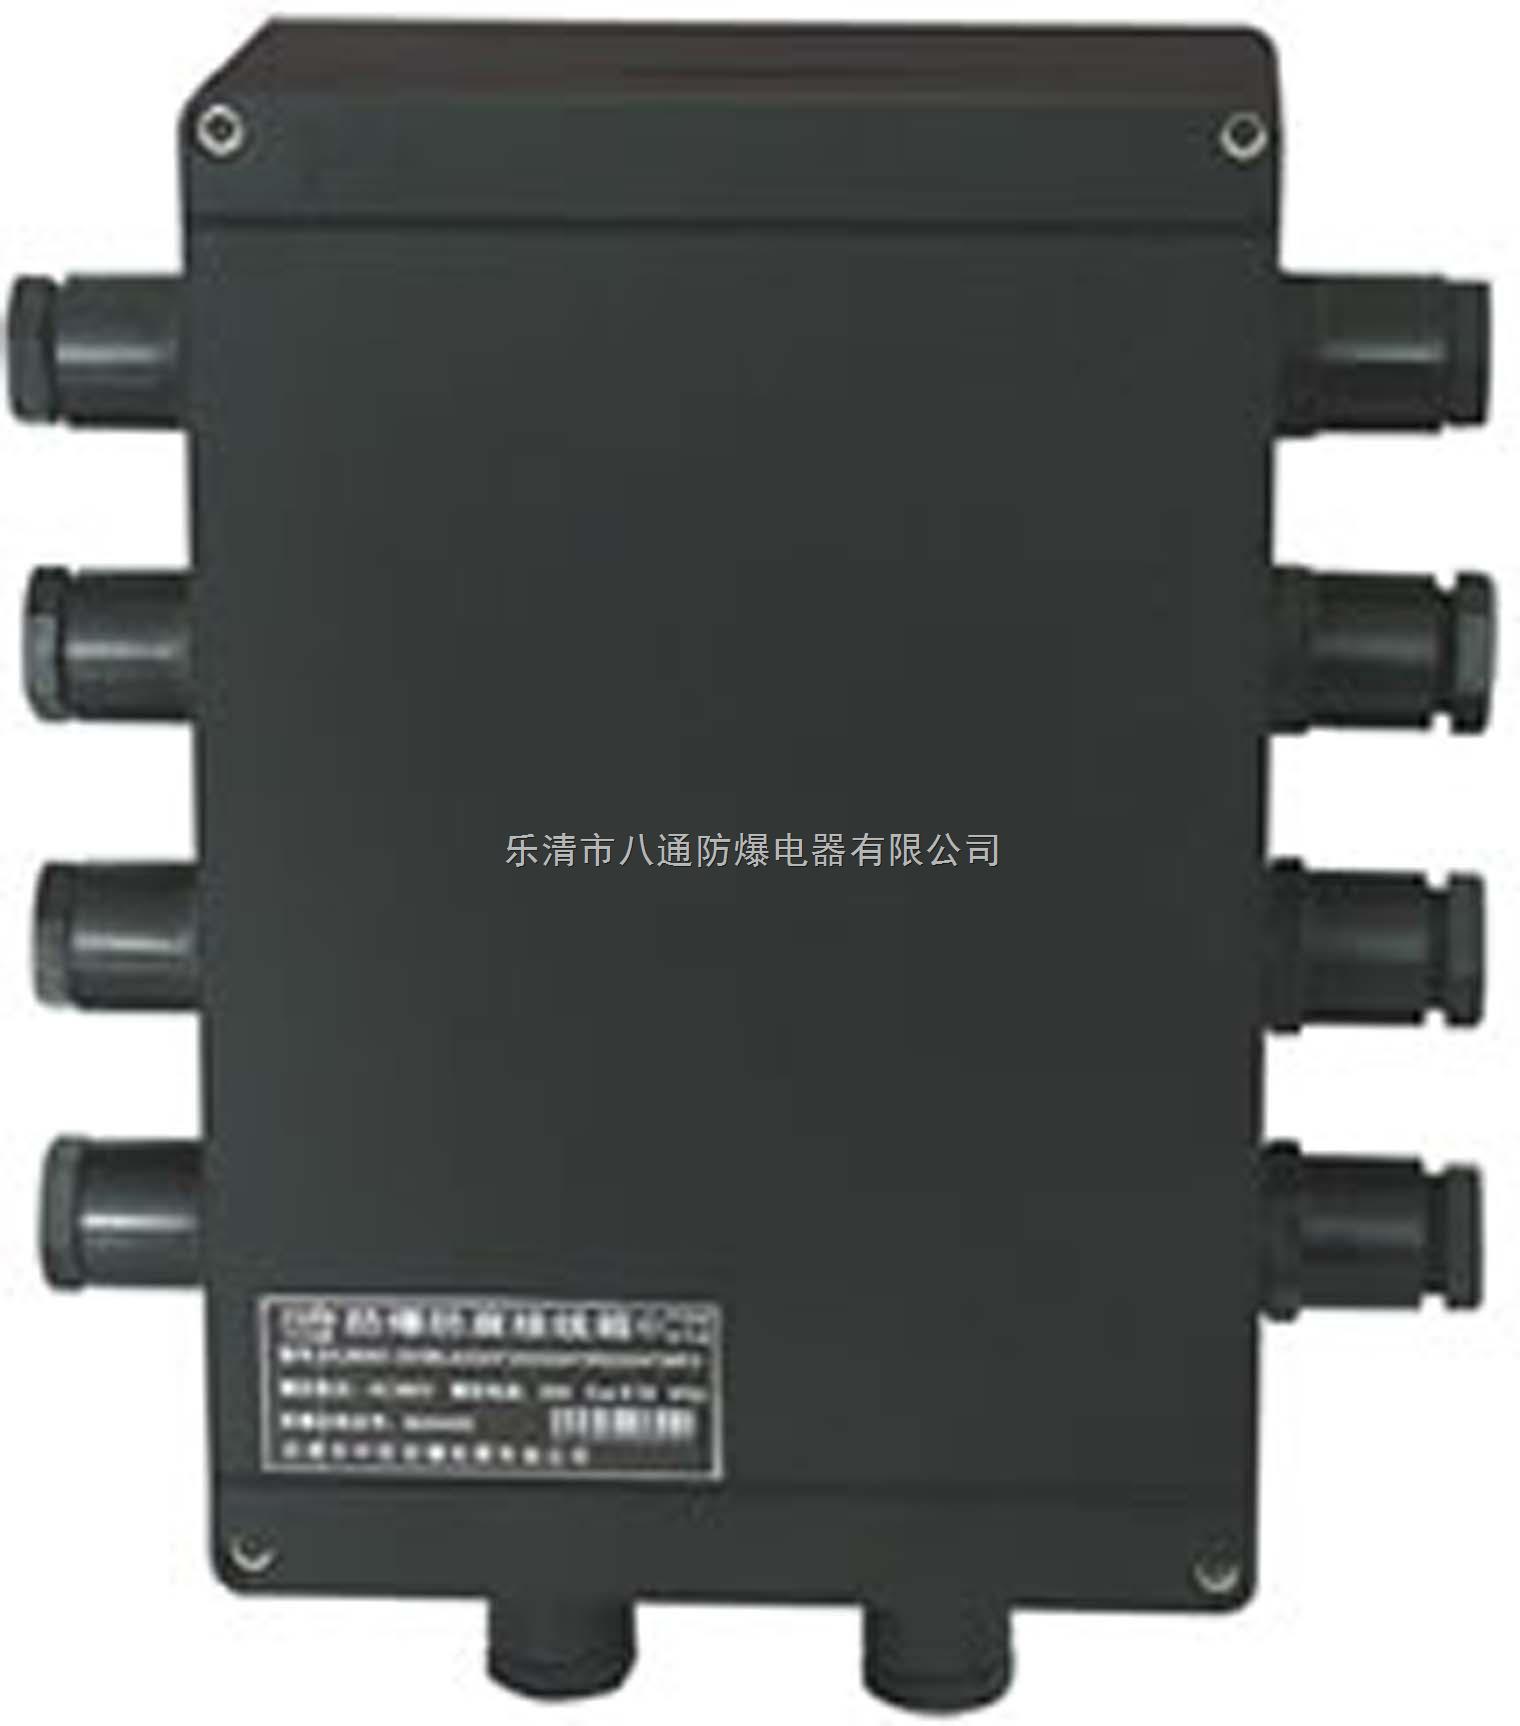 消防接線端子箱是專為消防報警系統線路分線和接線